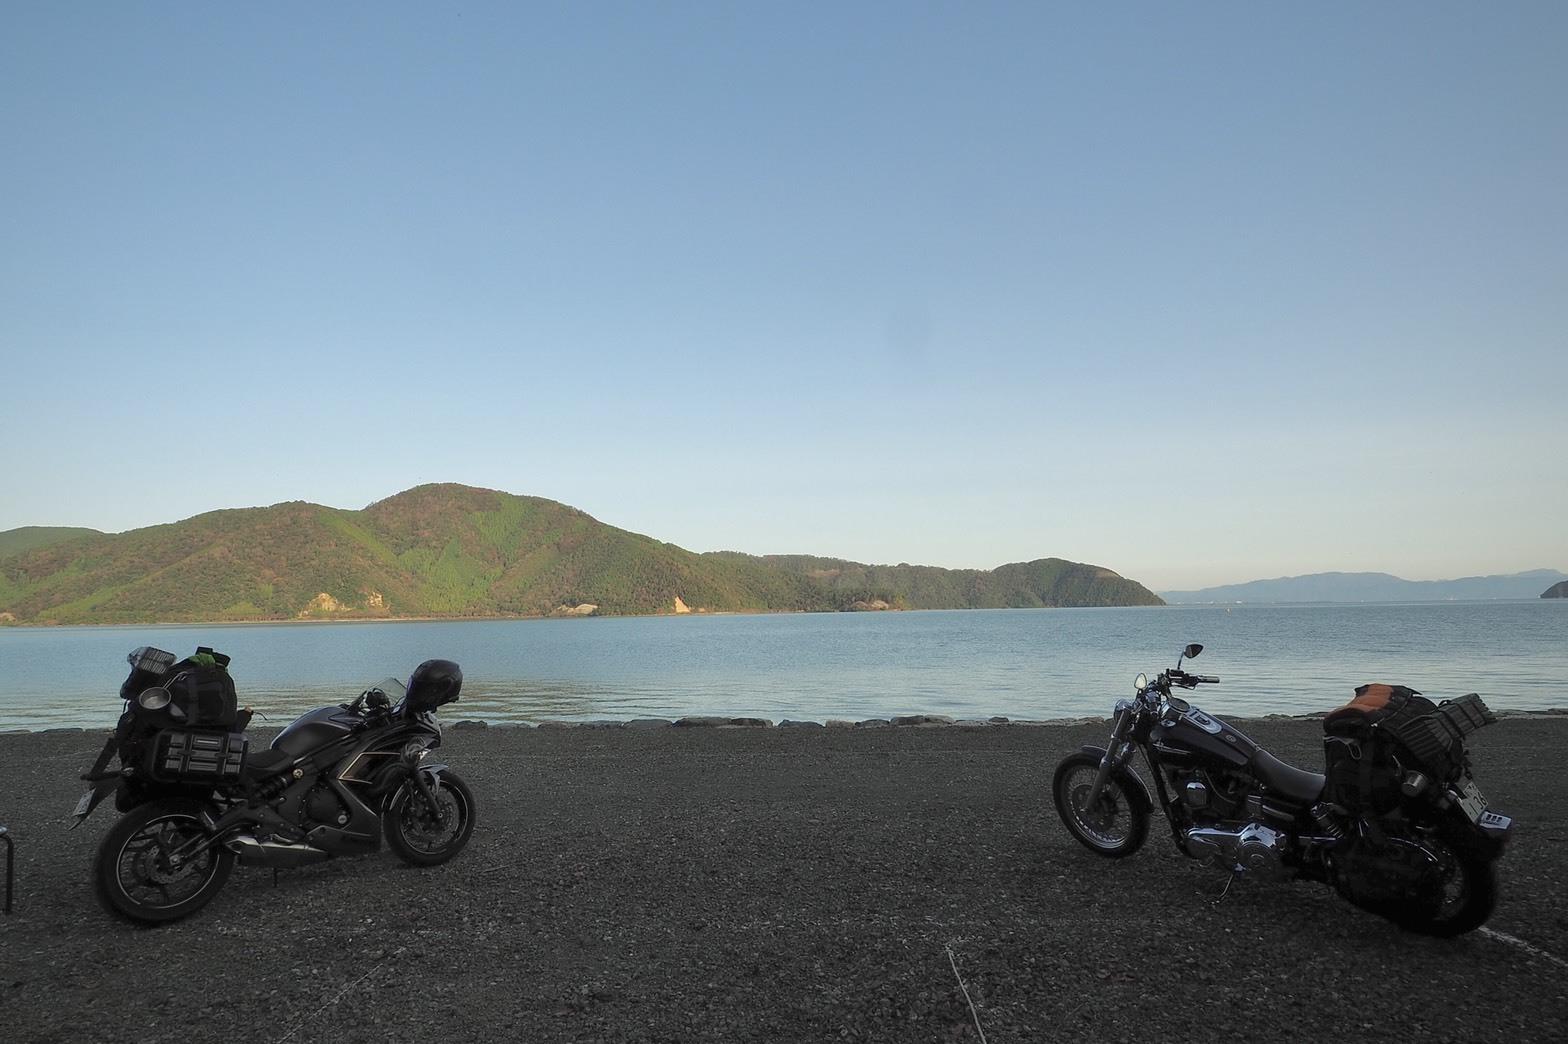 ぴきーちハーレーブログ 奥琵琶湖キャンプツーリング 二本松キャンプ場の景色 長浜